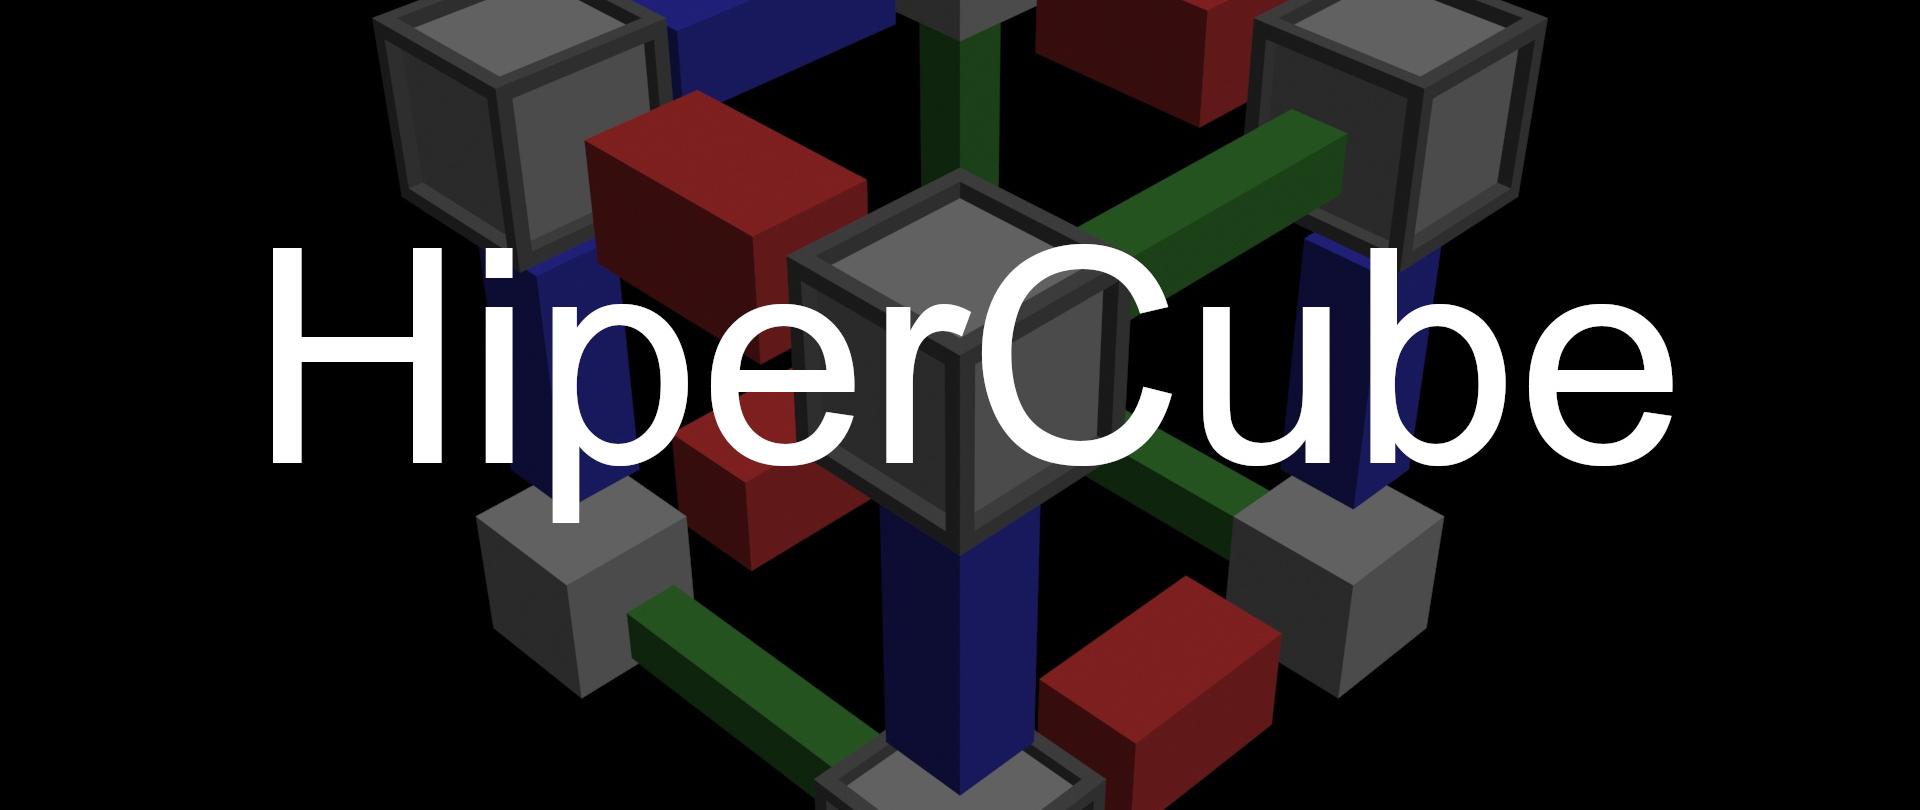 HiperCube